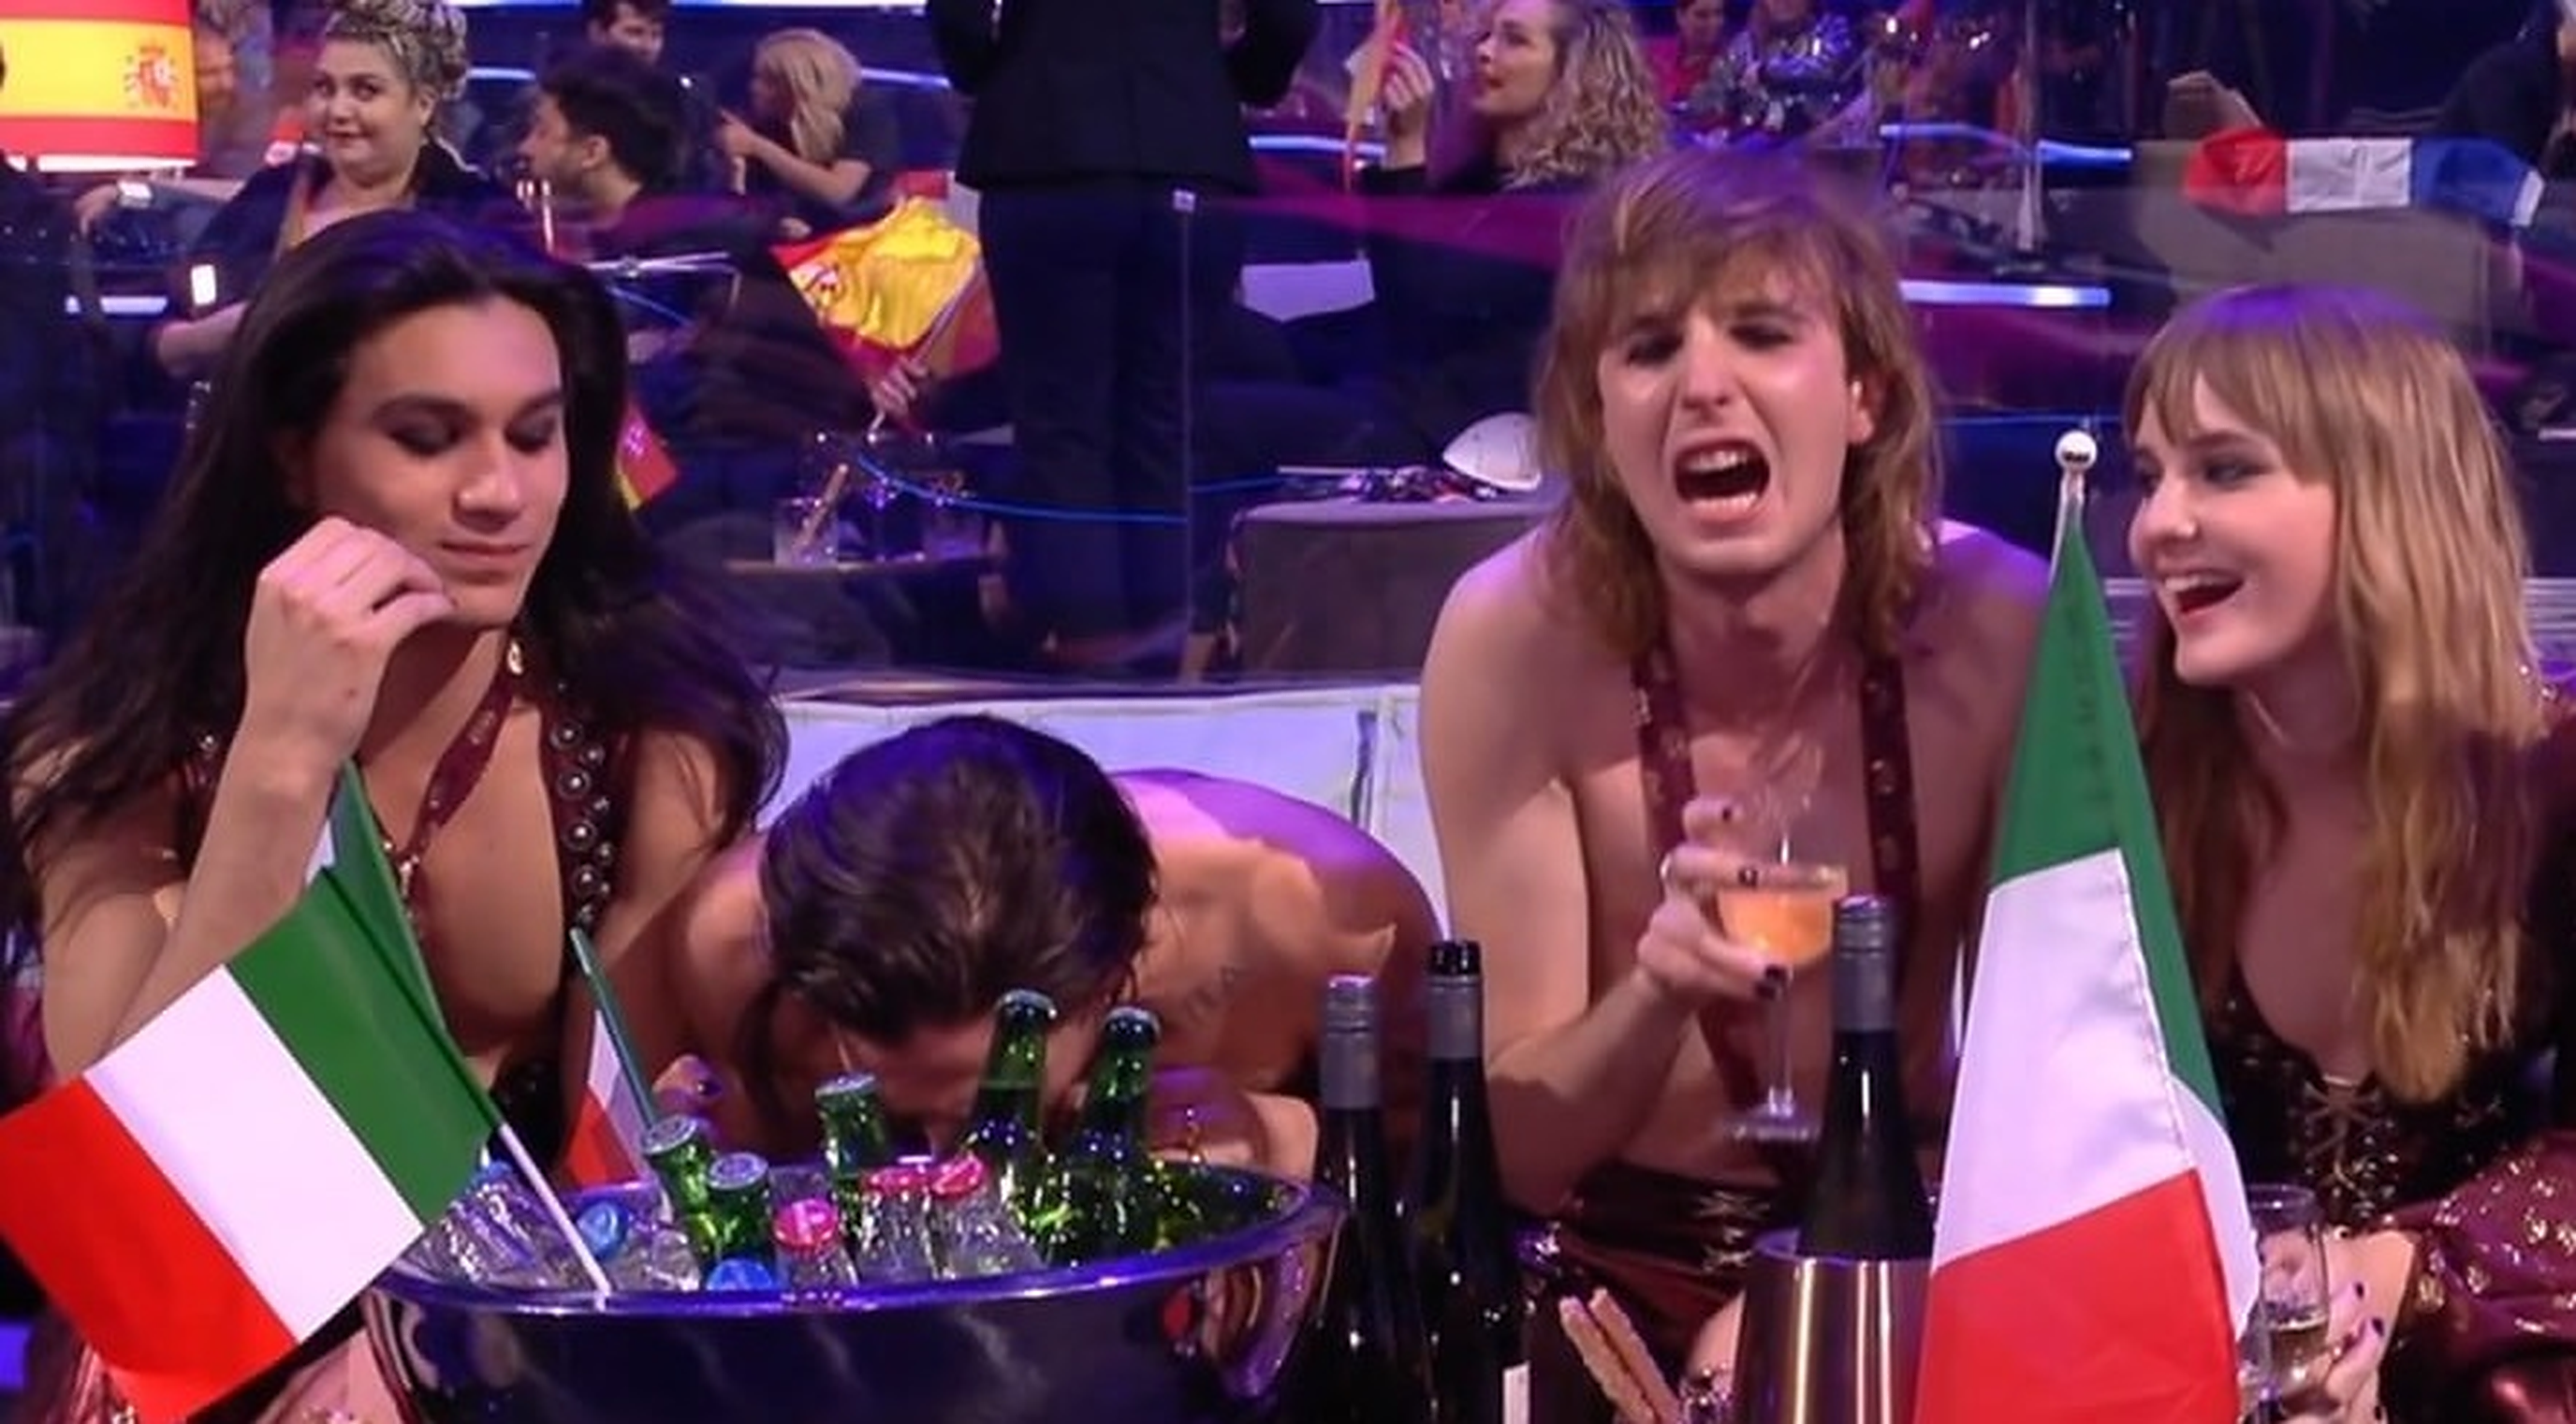 Câștigătorul Eurovision neagă faptul că a prizat cocaină în timpul concursului. Imaginile au fost transmise în direct